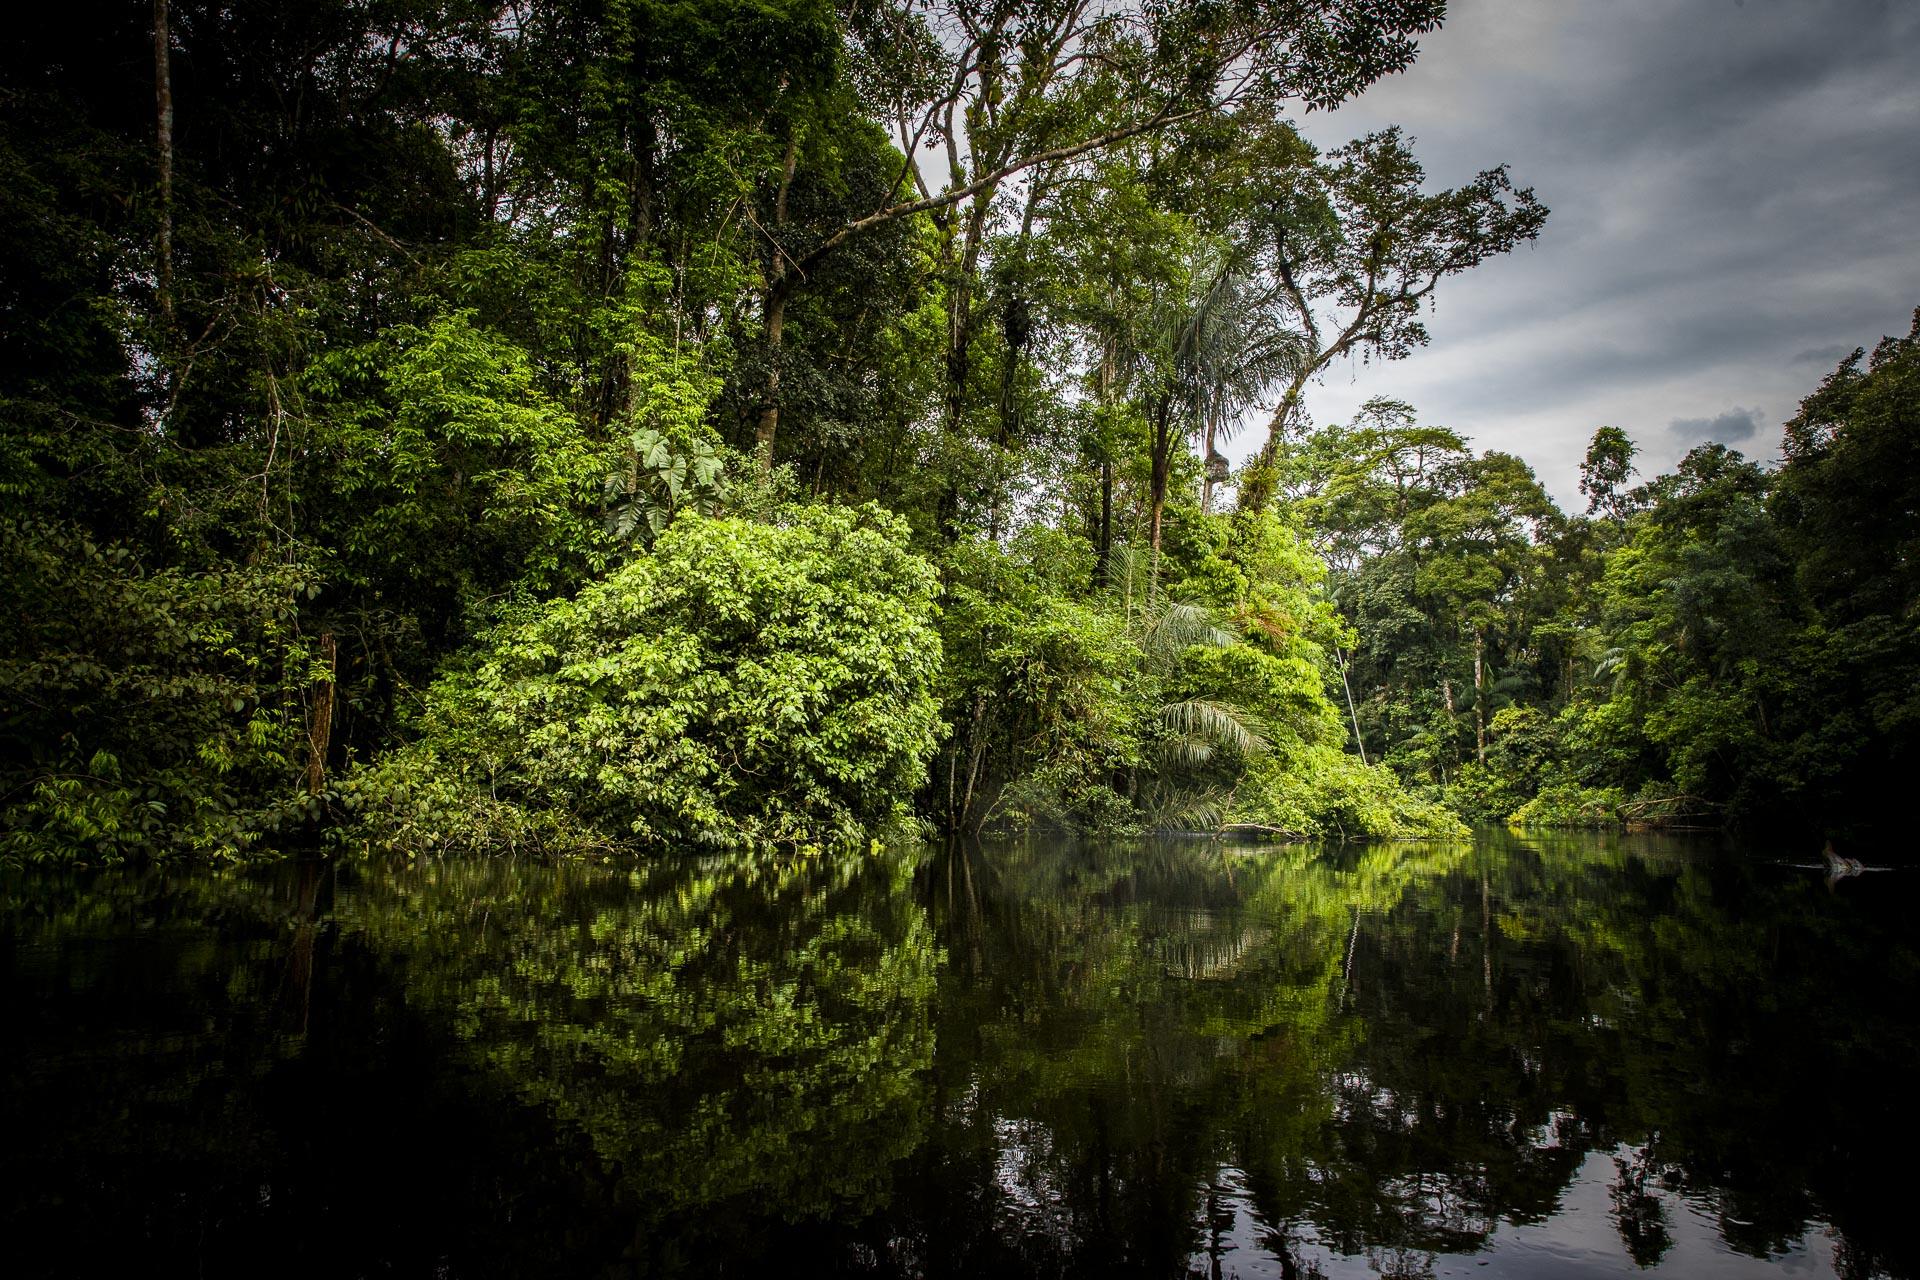 voyage_photo_amazonie_equateur©stephaneleroy-photographe-E61R8759.jpg